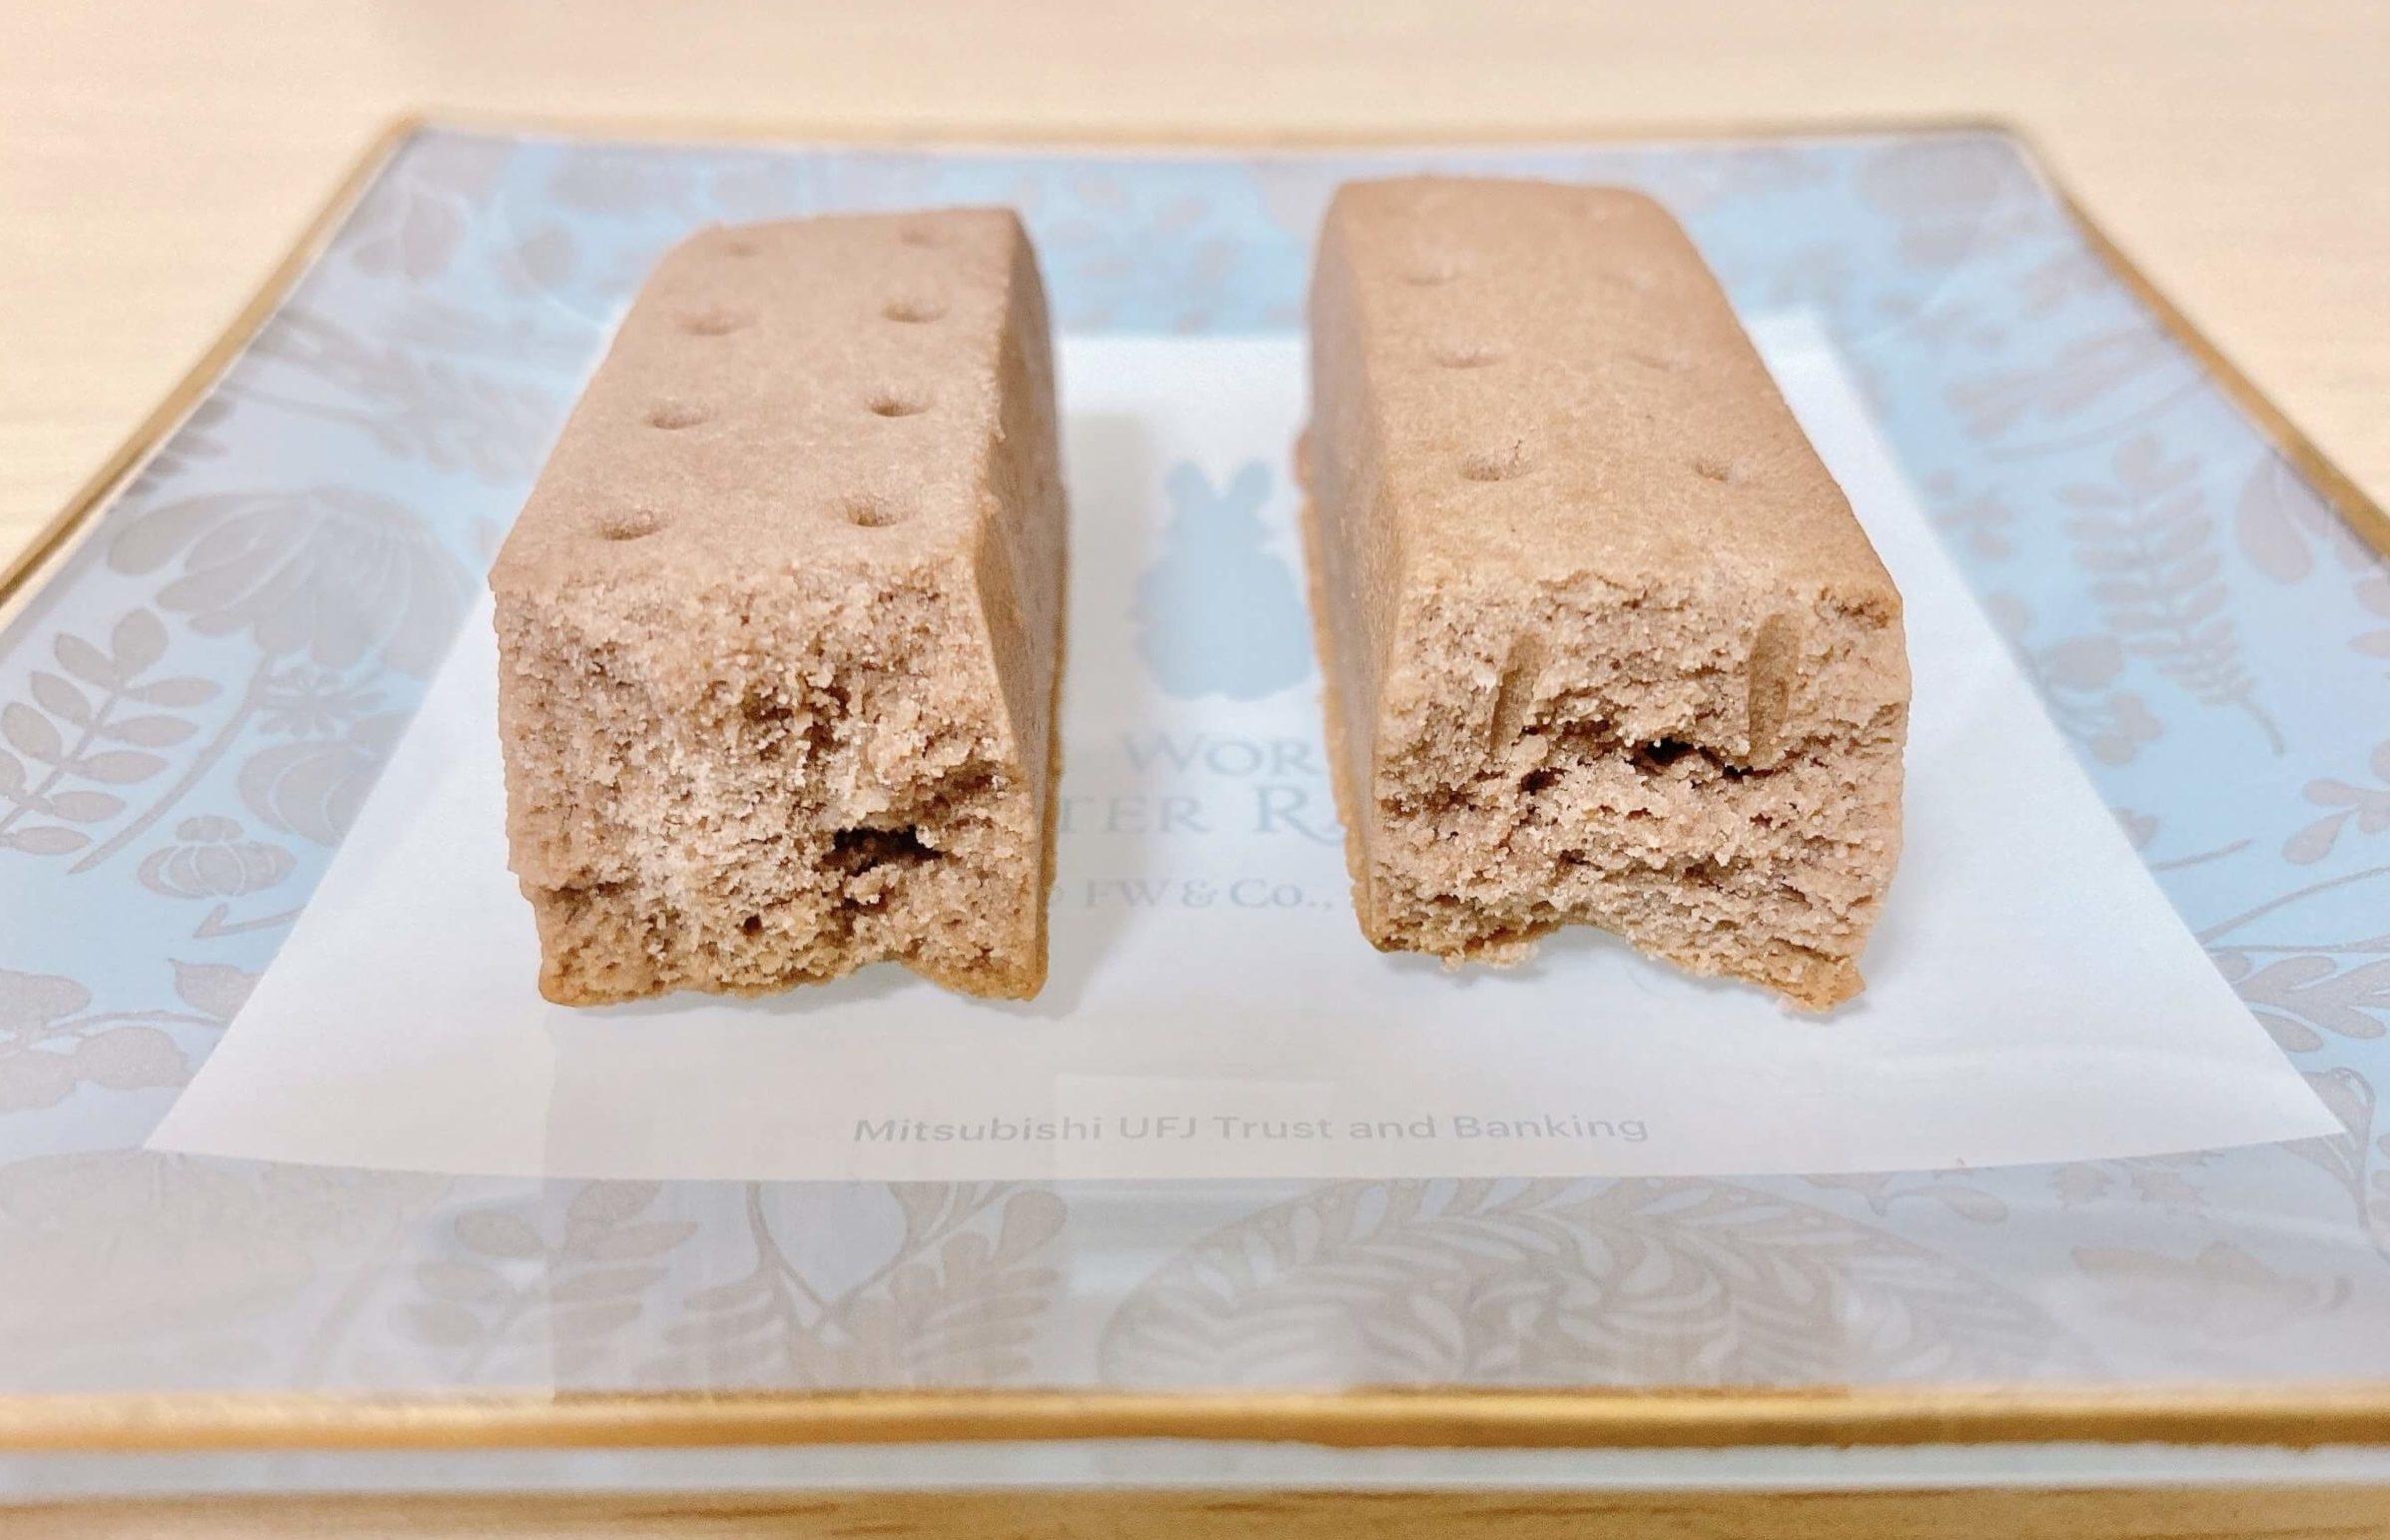 非常食・保存食のカロリーメイトロングライフの断面写真